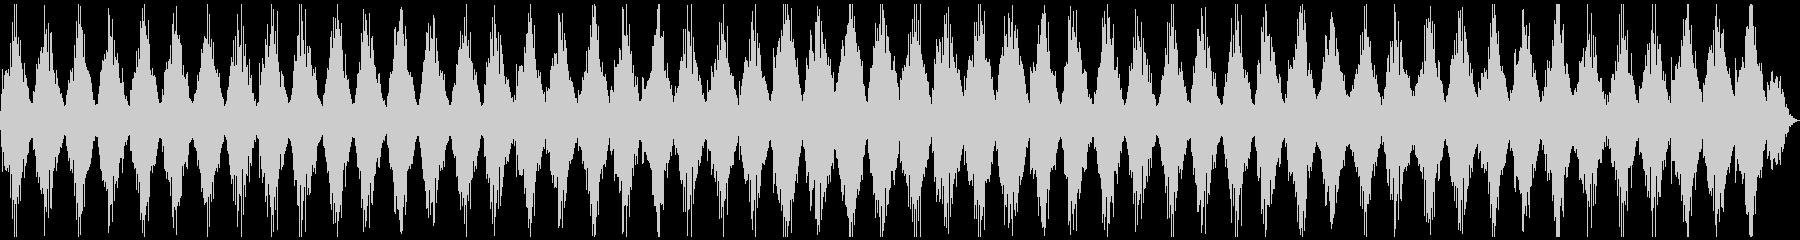 瞑想やヨガ、睡眠誘導のための音楽 09の未再生の波形